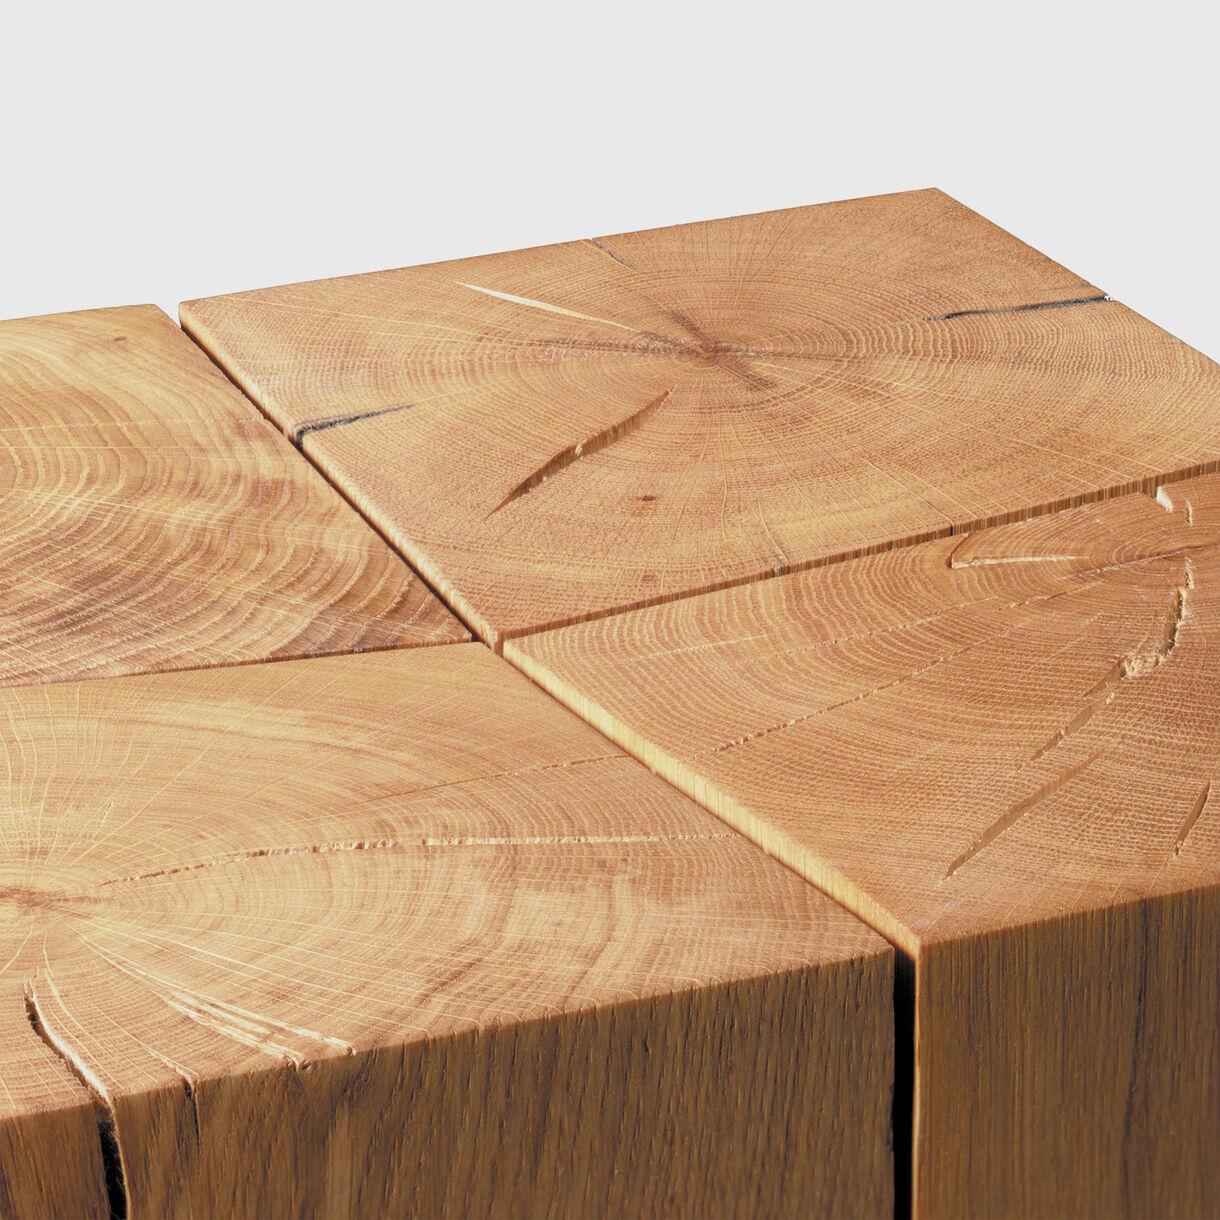 Backenzahn Stool in Oak Detailing